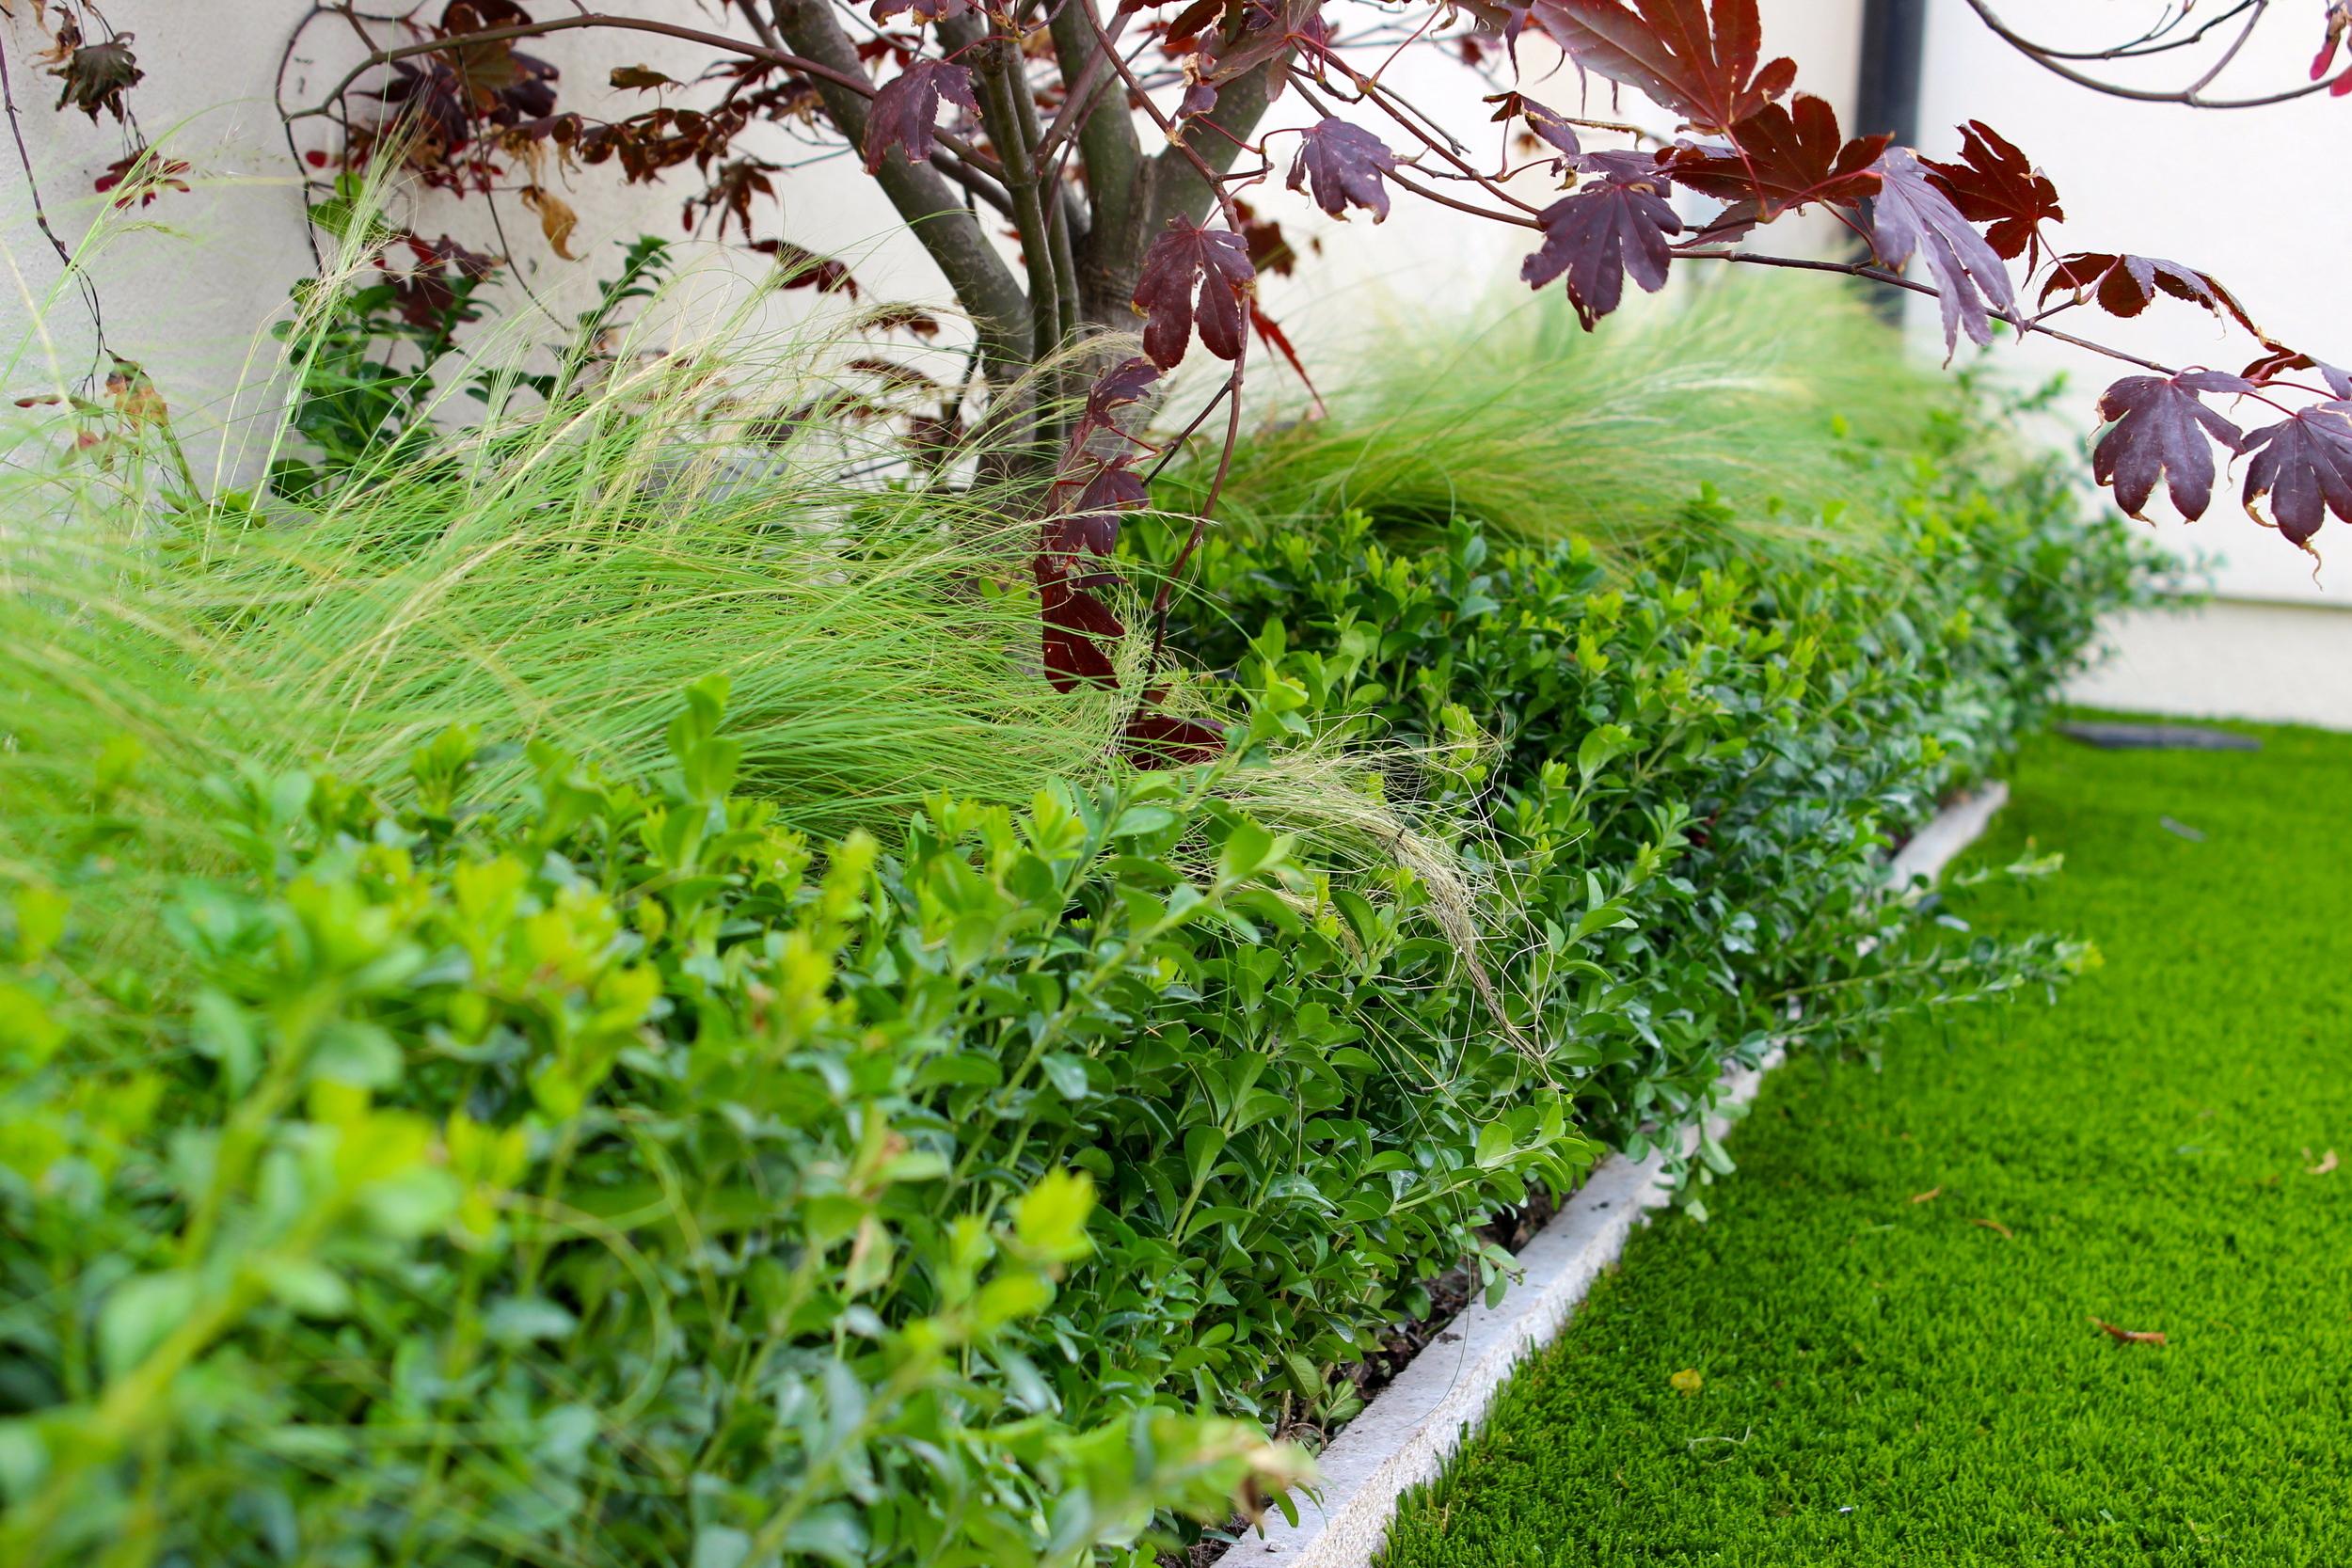 Tree and turf